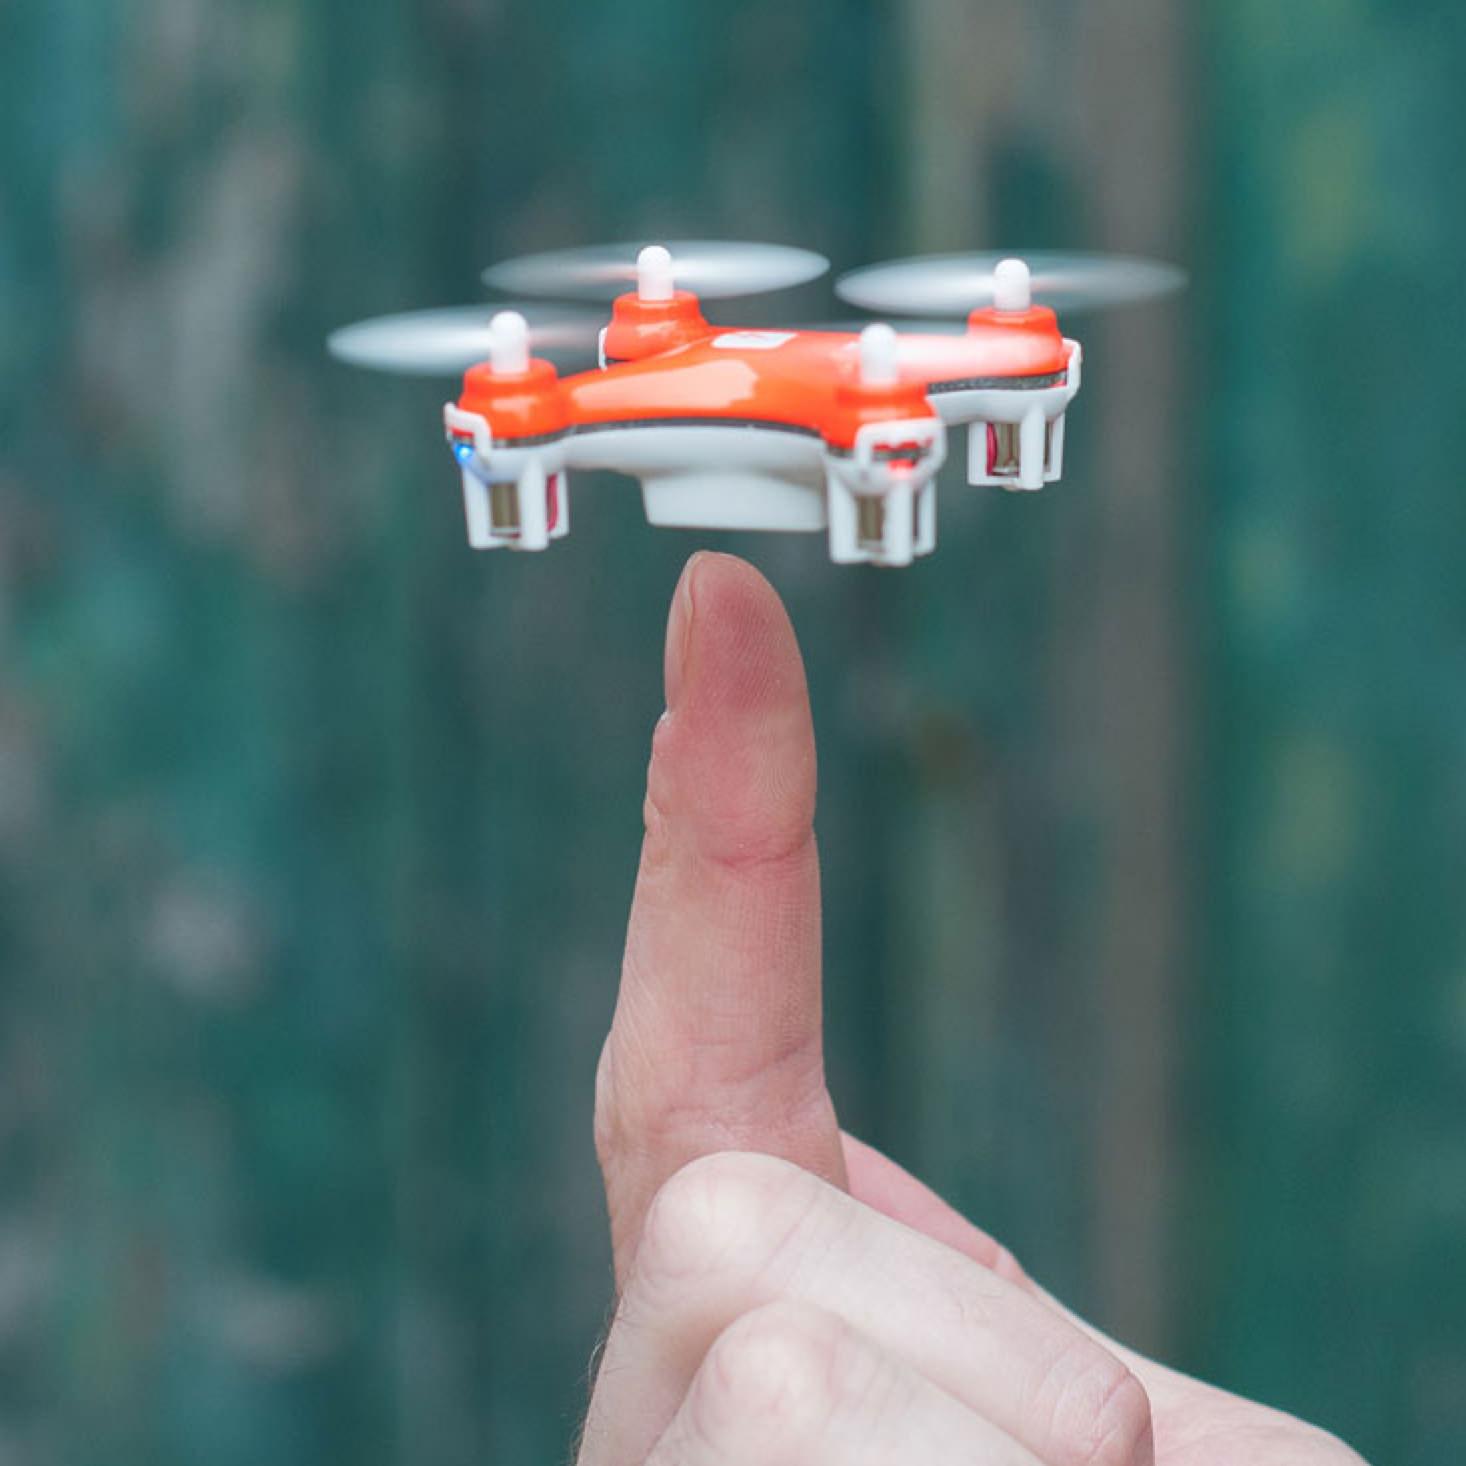 28 euro per SKEYE, nano drone radiocomandato: l'offerta termina domani